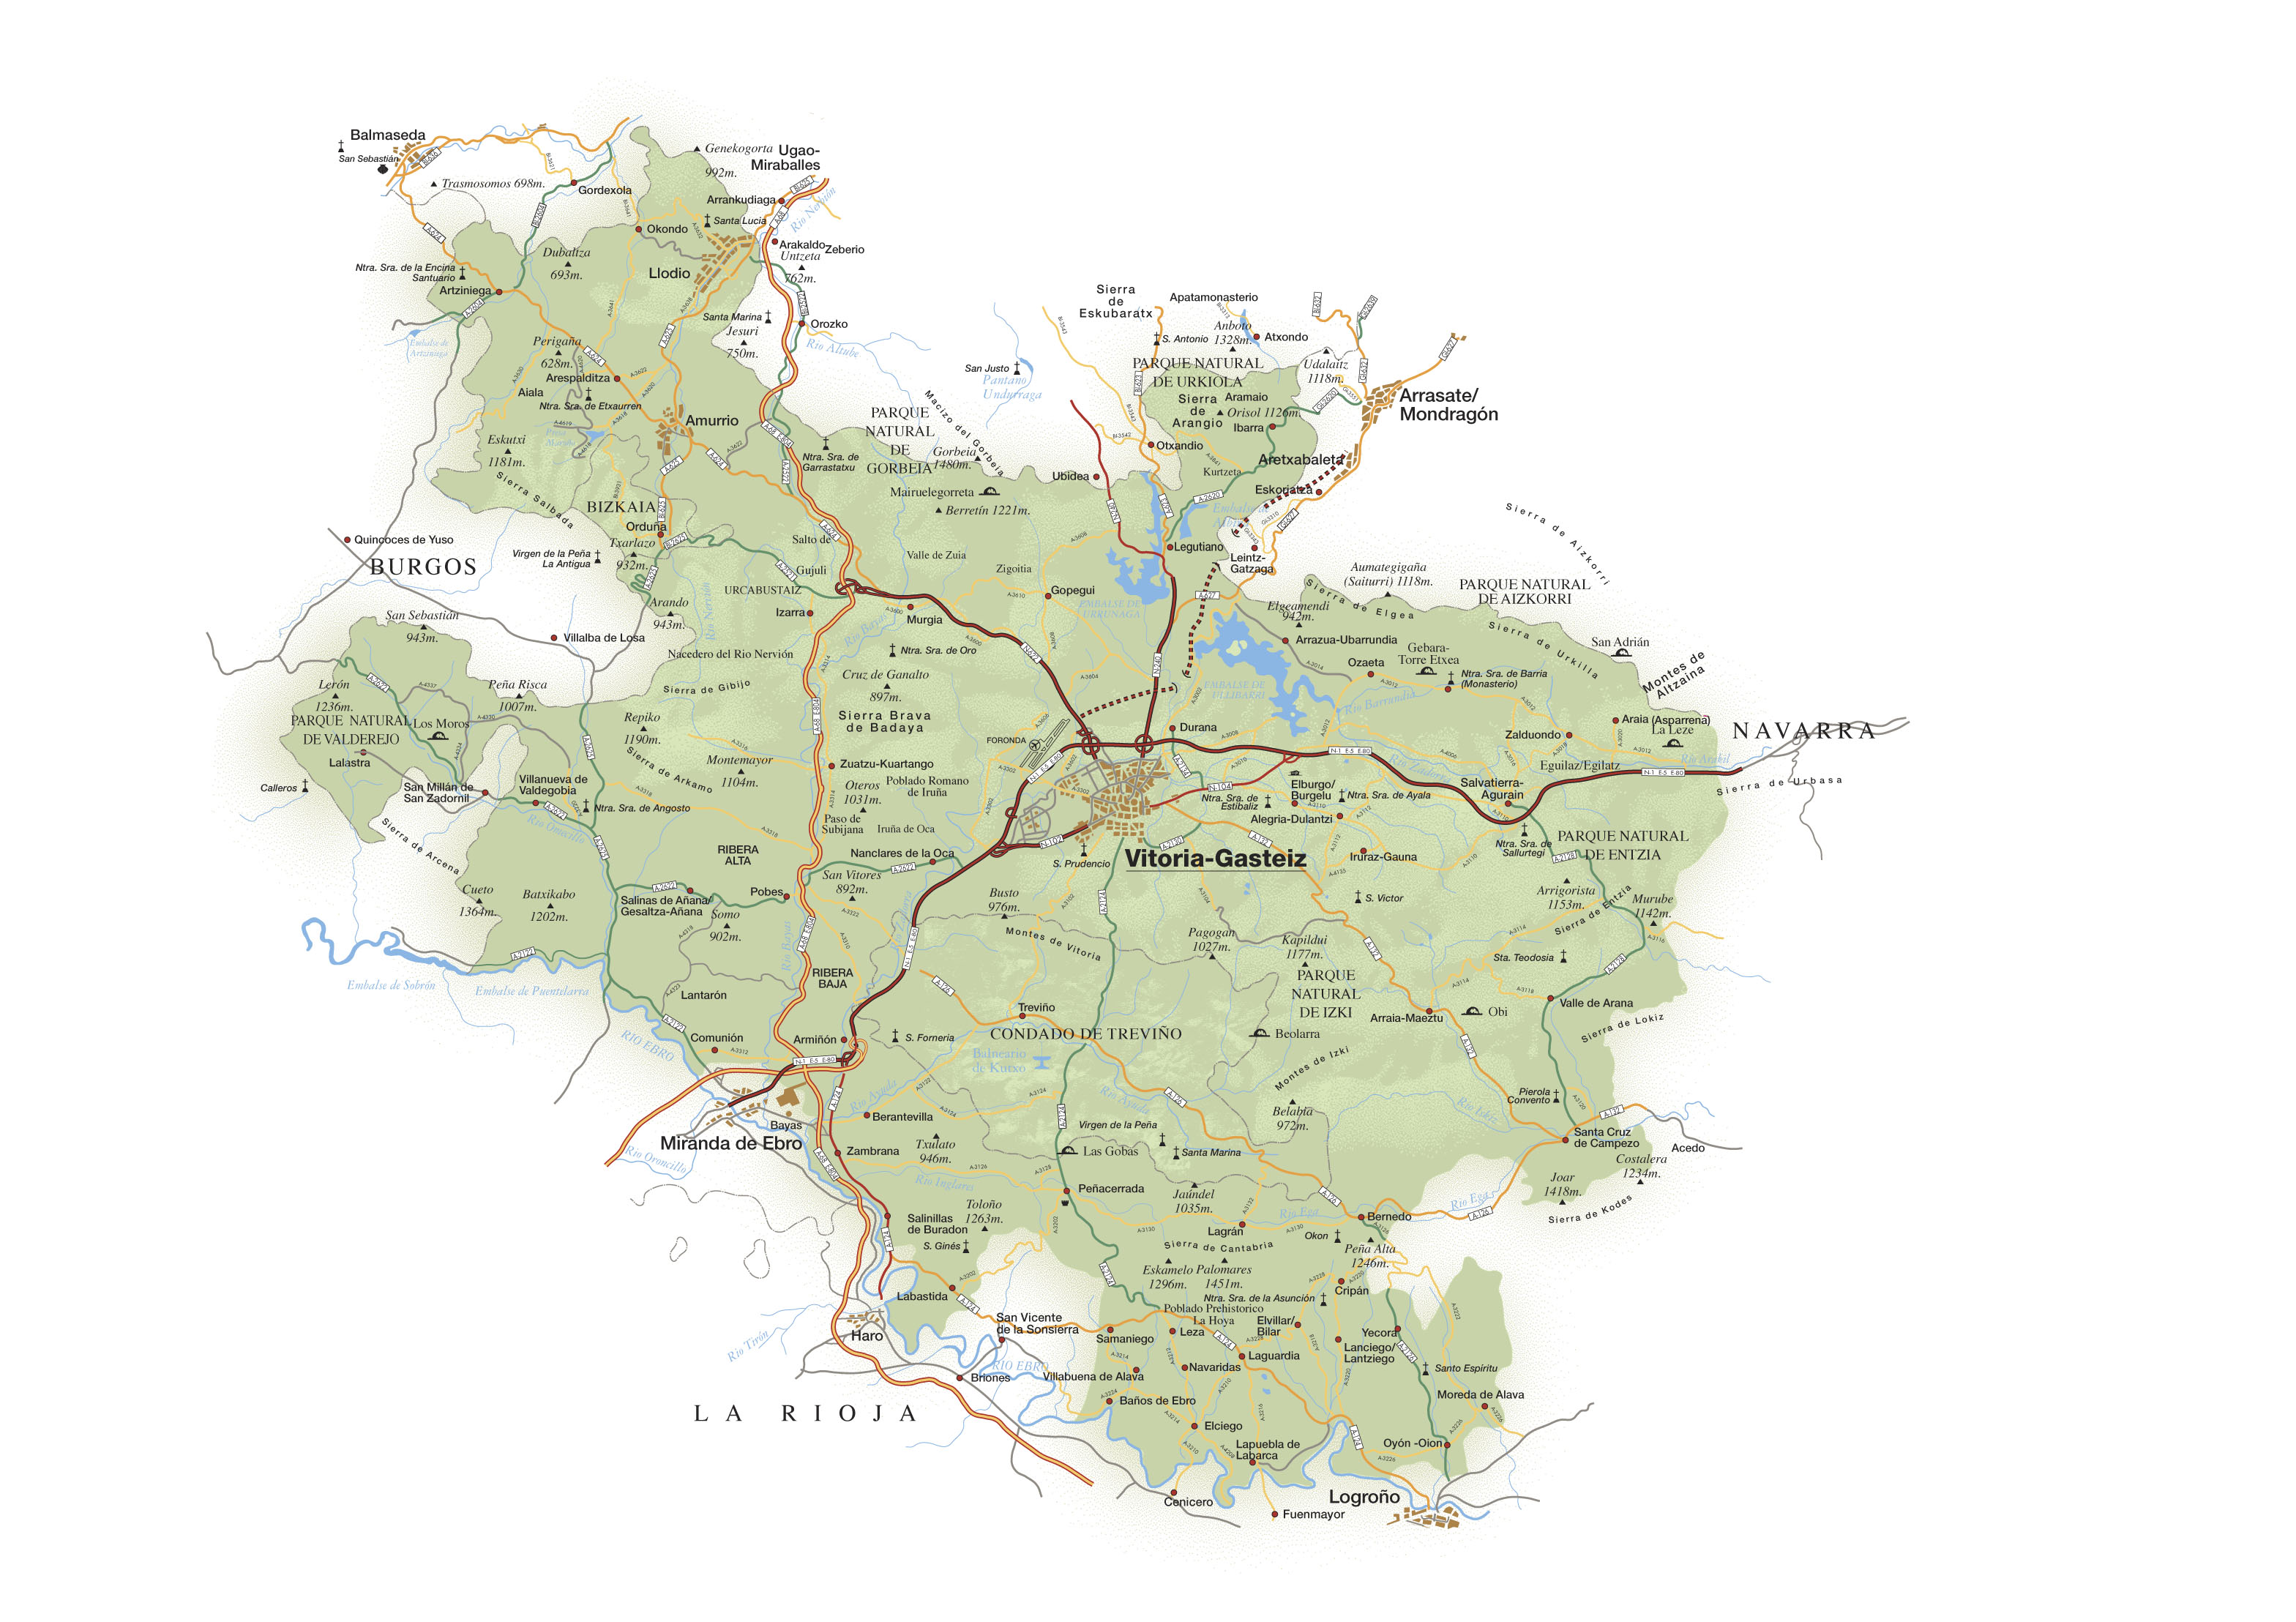 Mapa de carreteras de Álava